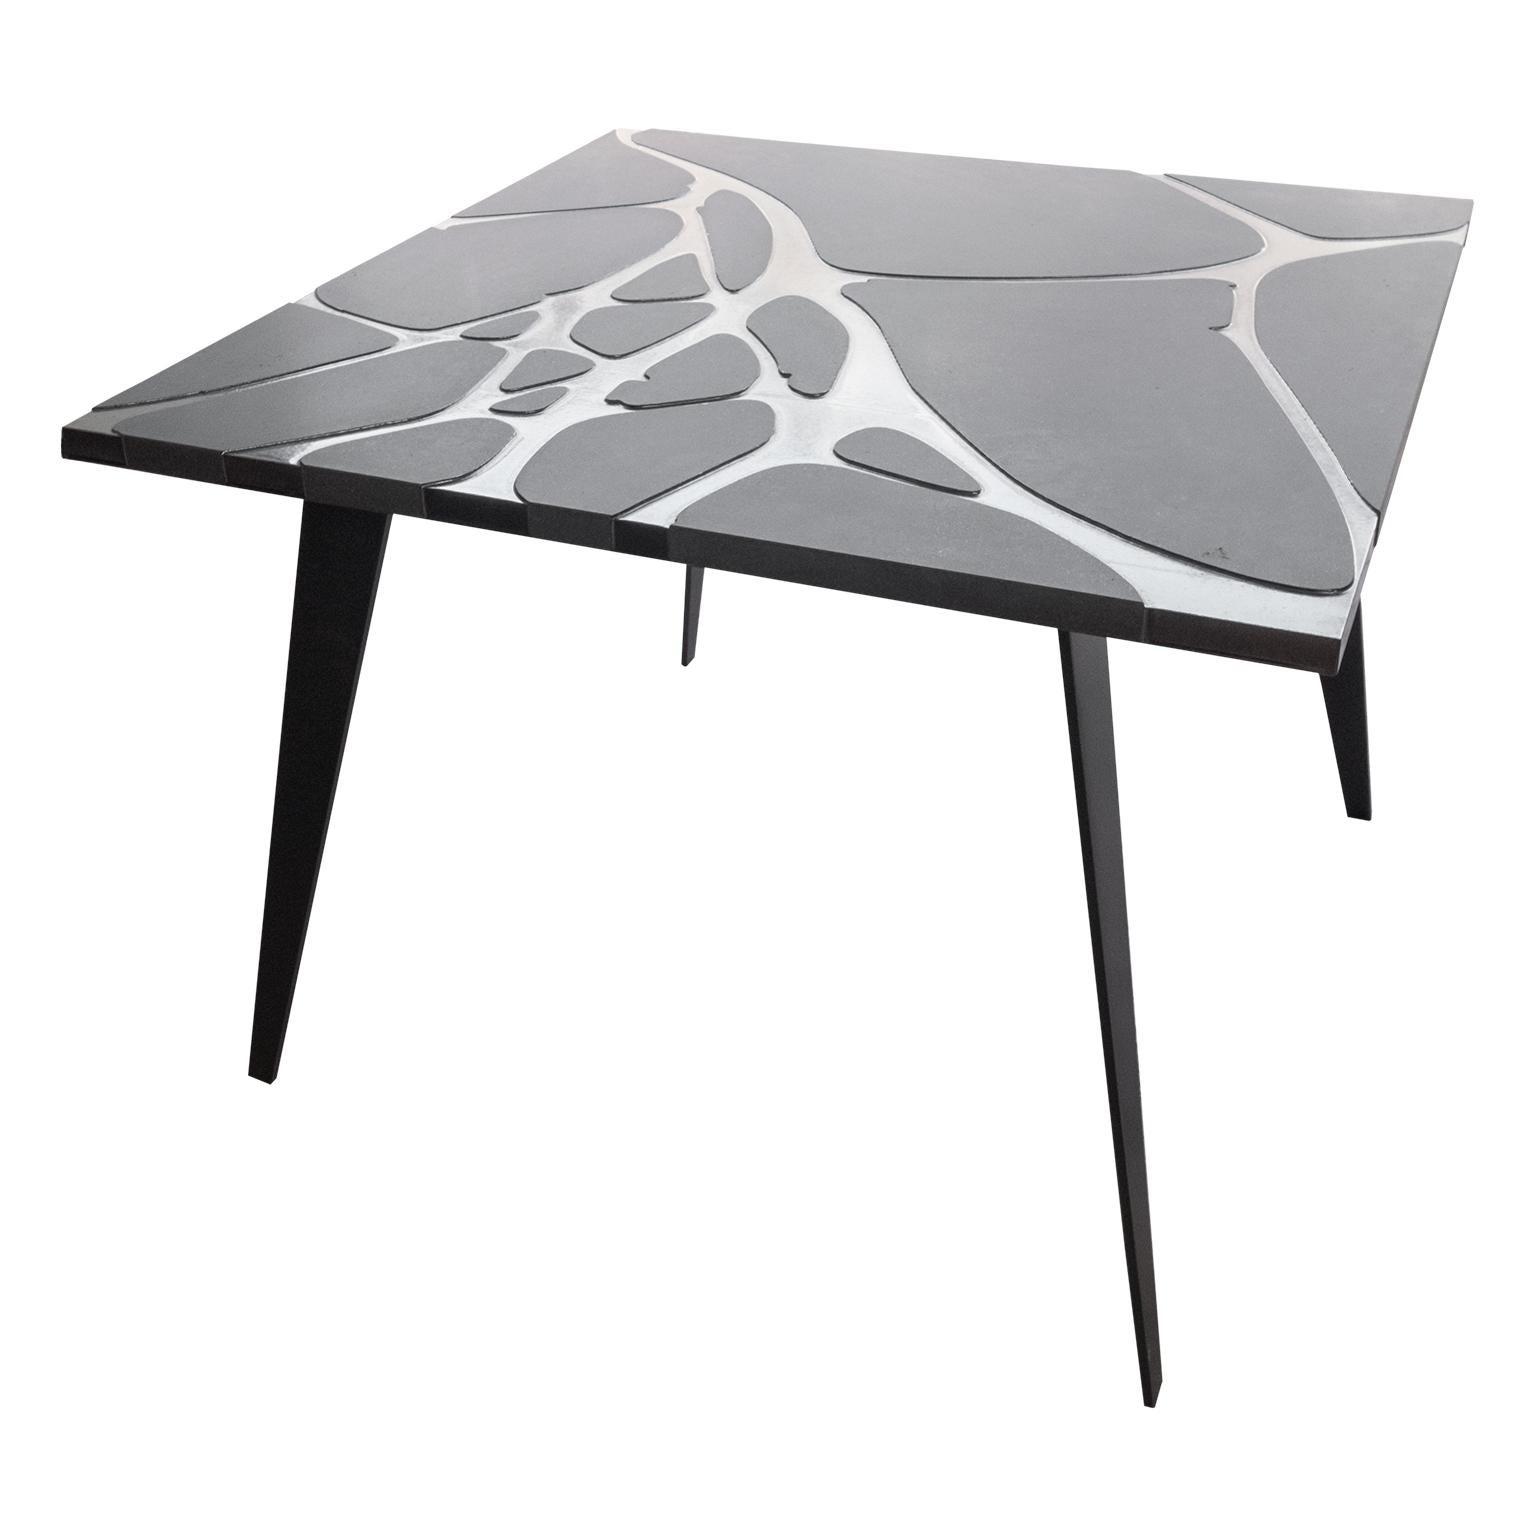 Square Table in Lava Stone and Steel, FilodiFumo 4th